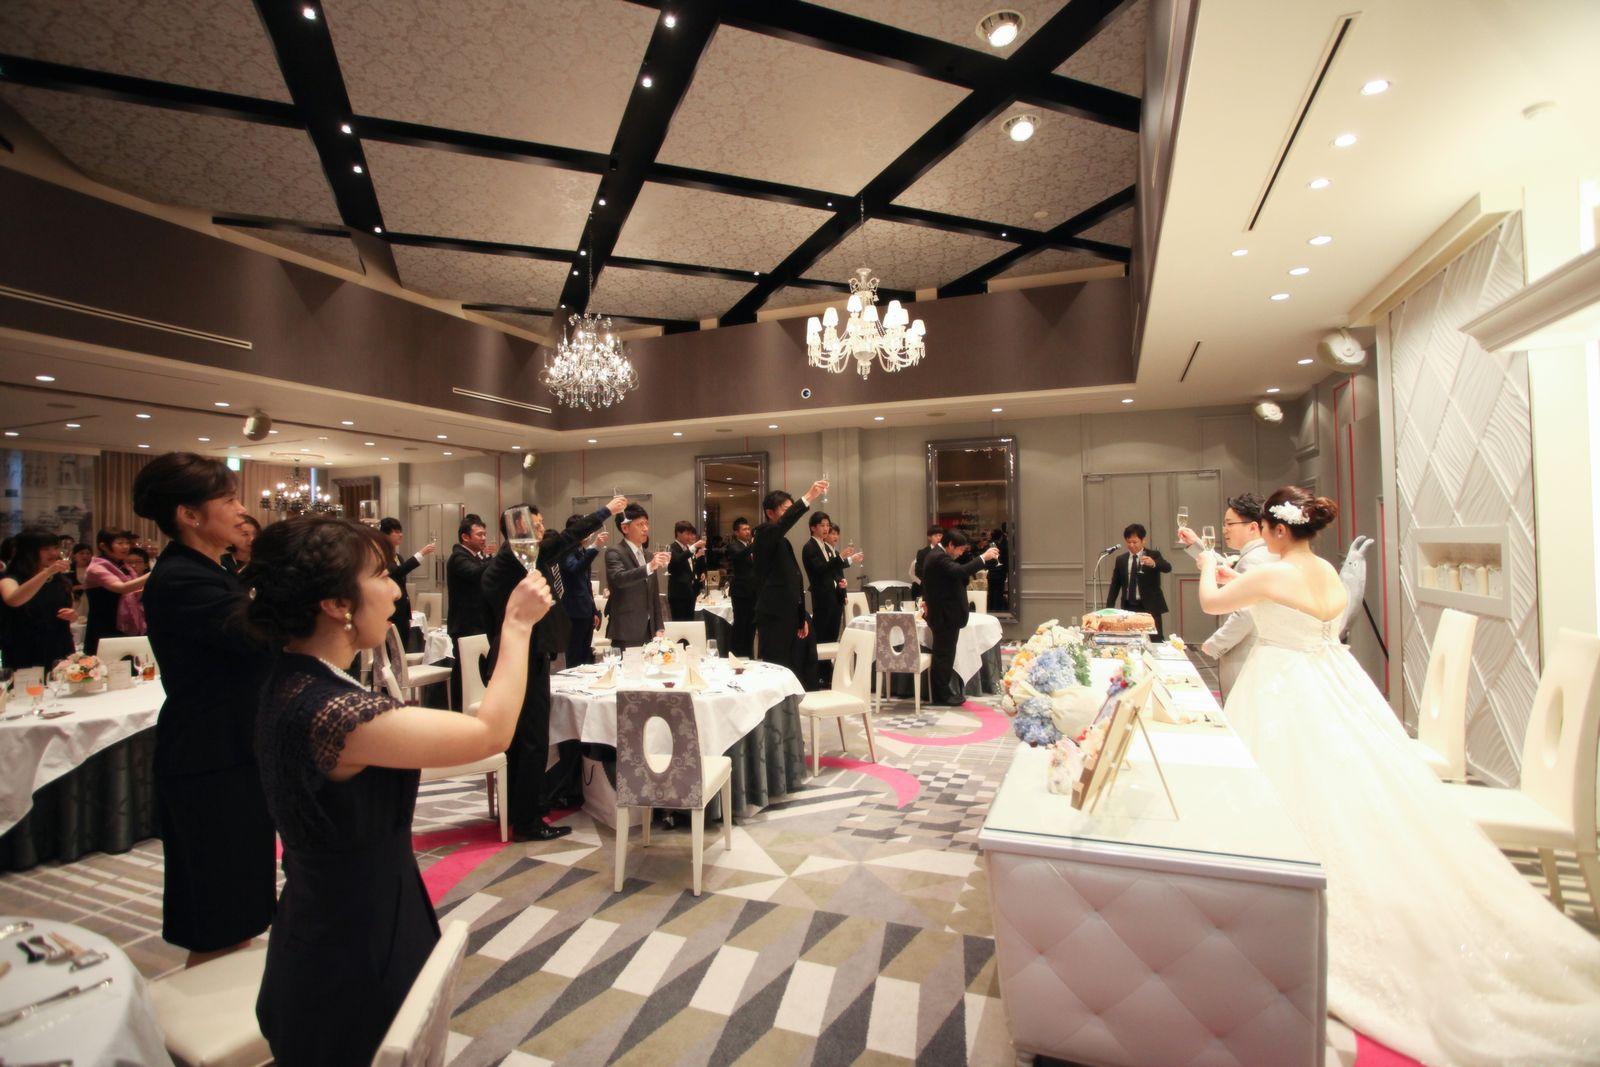 徳島県の結婚式場ブランアンジュの披露宴会場で乾杯する様子